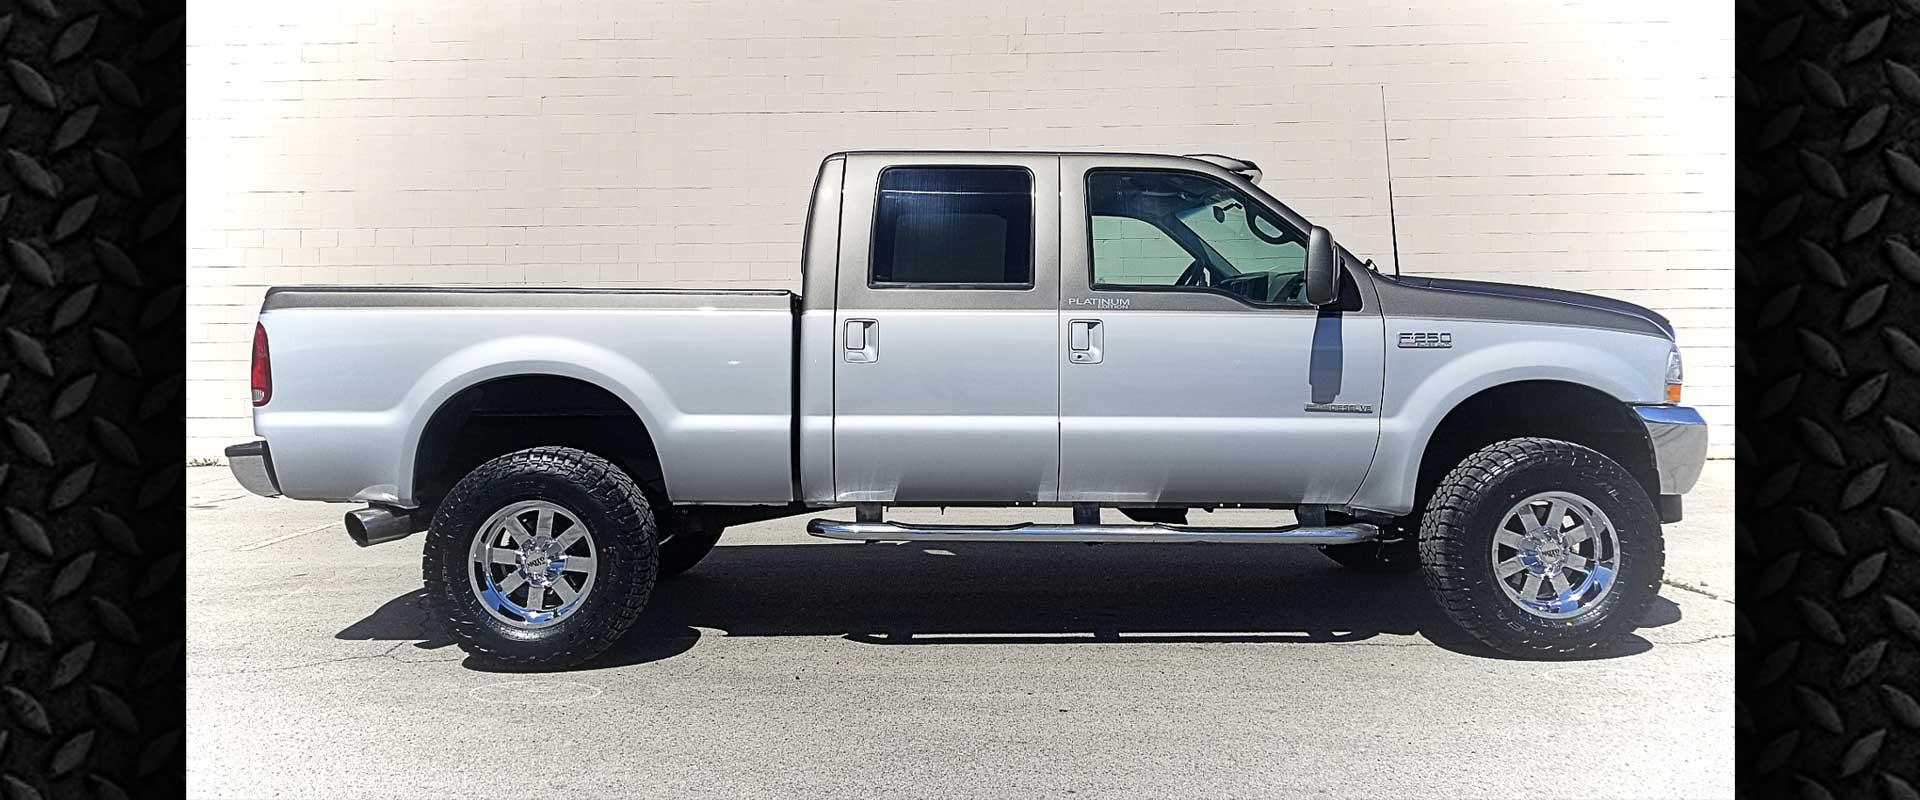 Diesel Truck Deals